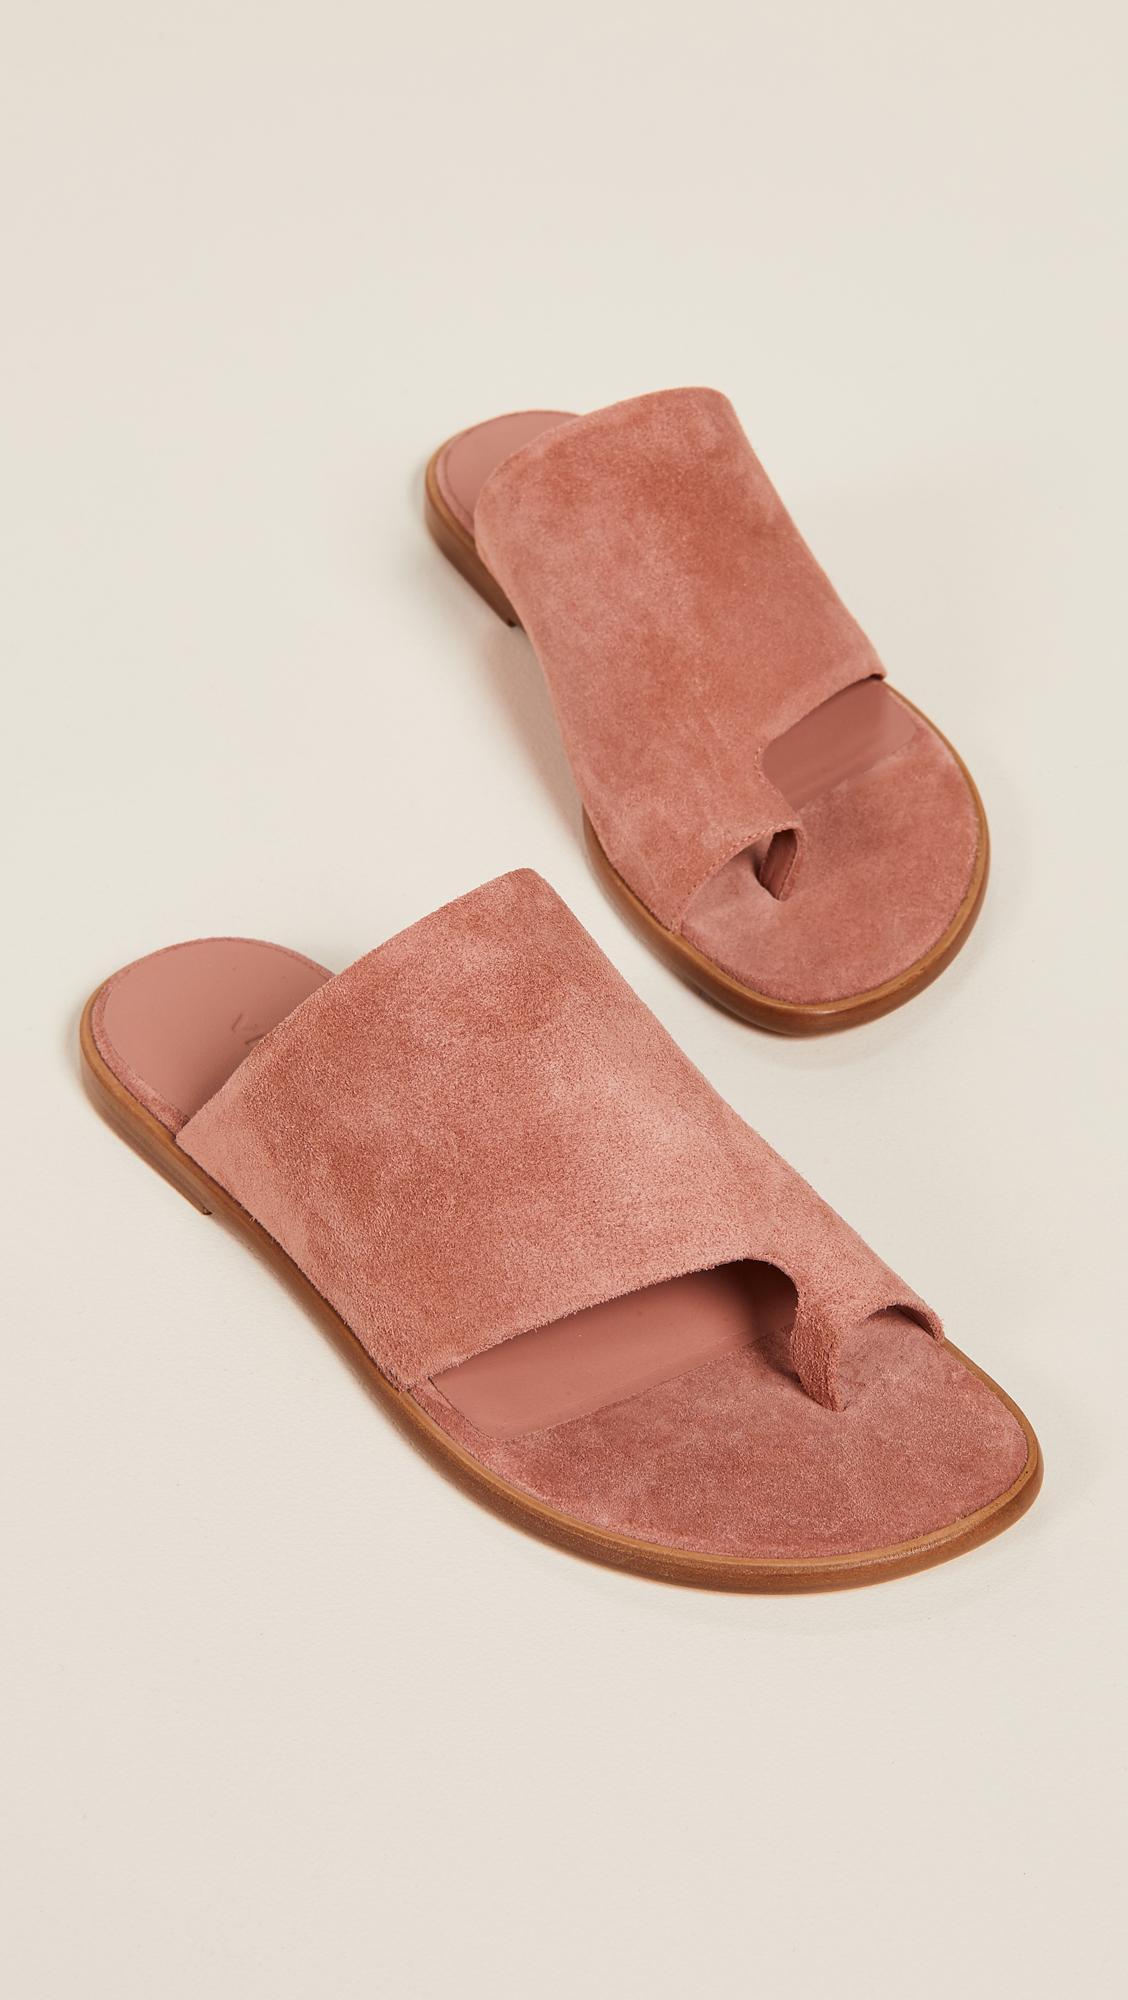 662e31a98028 Vince. Women s Edris Toe Ring Slide Sandals